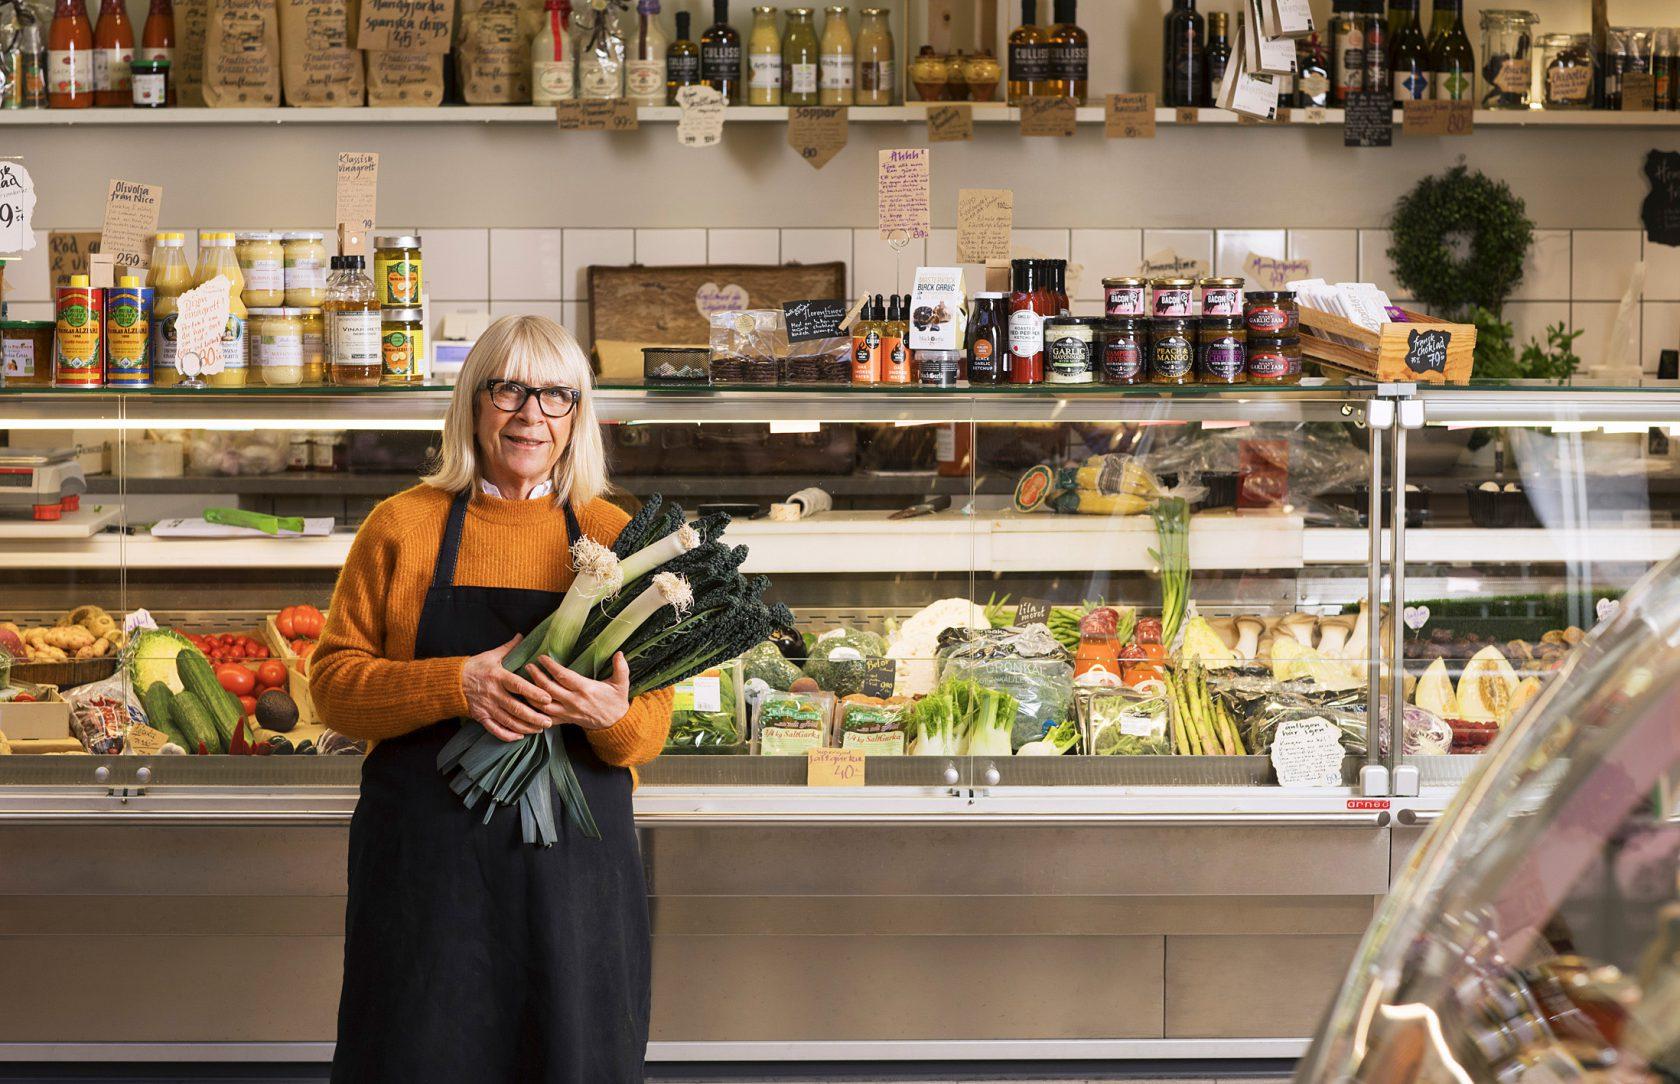 En kvinna står framför en butik och håller i ett knippe grönsaker.